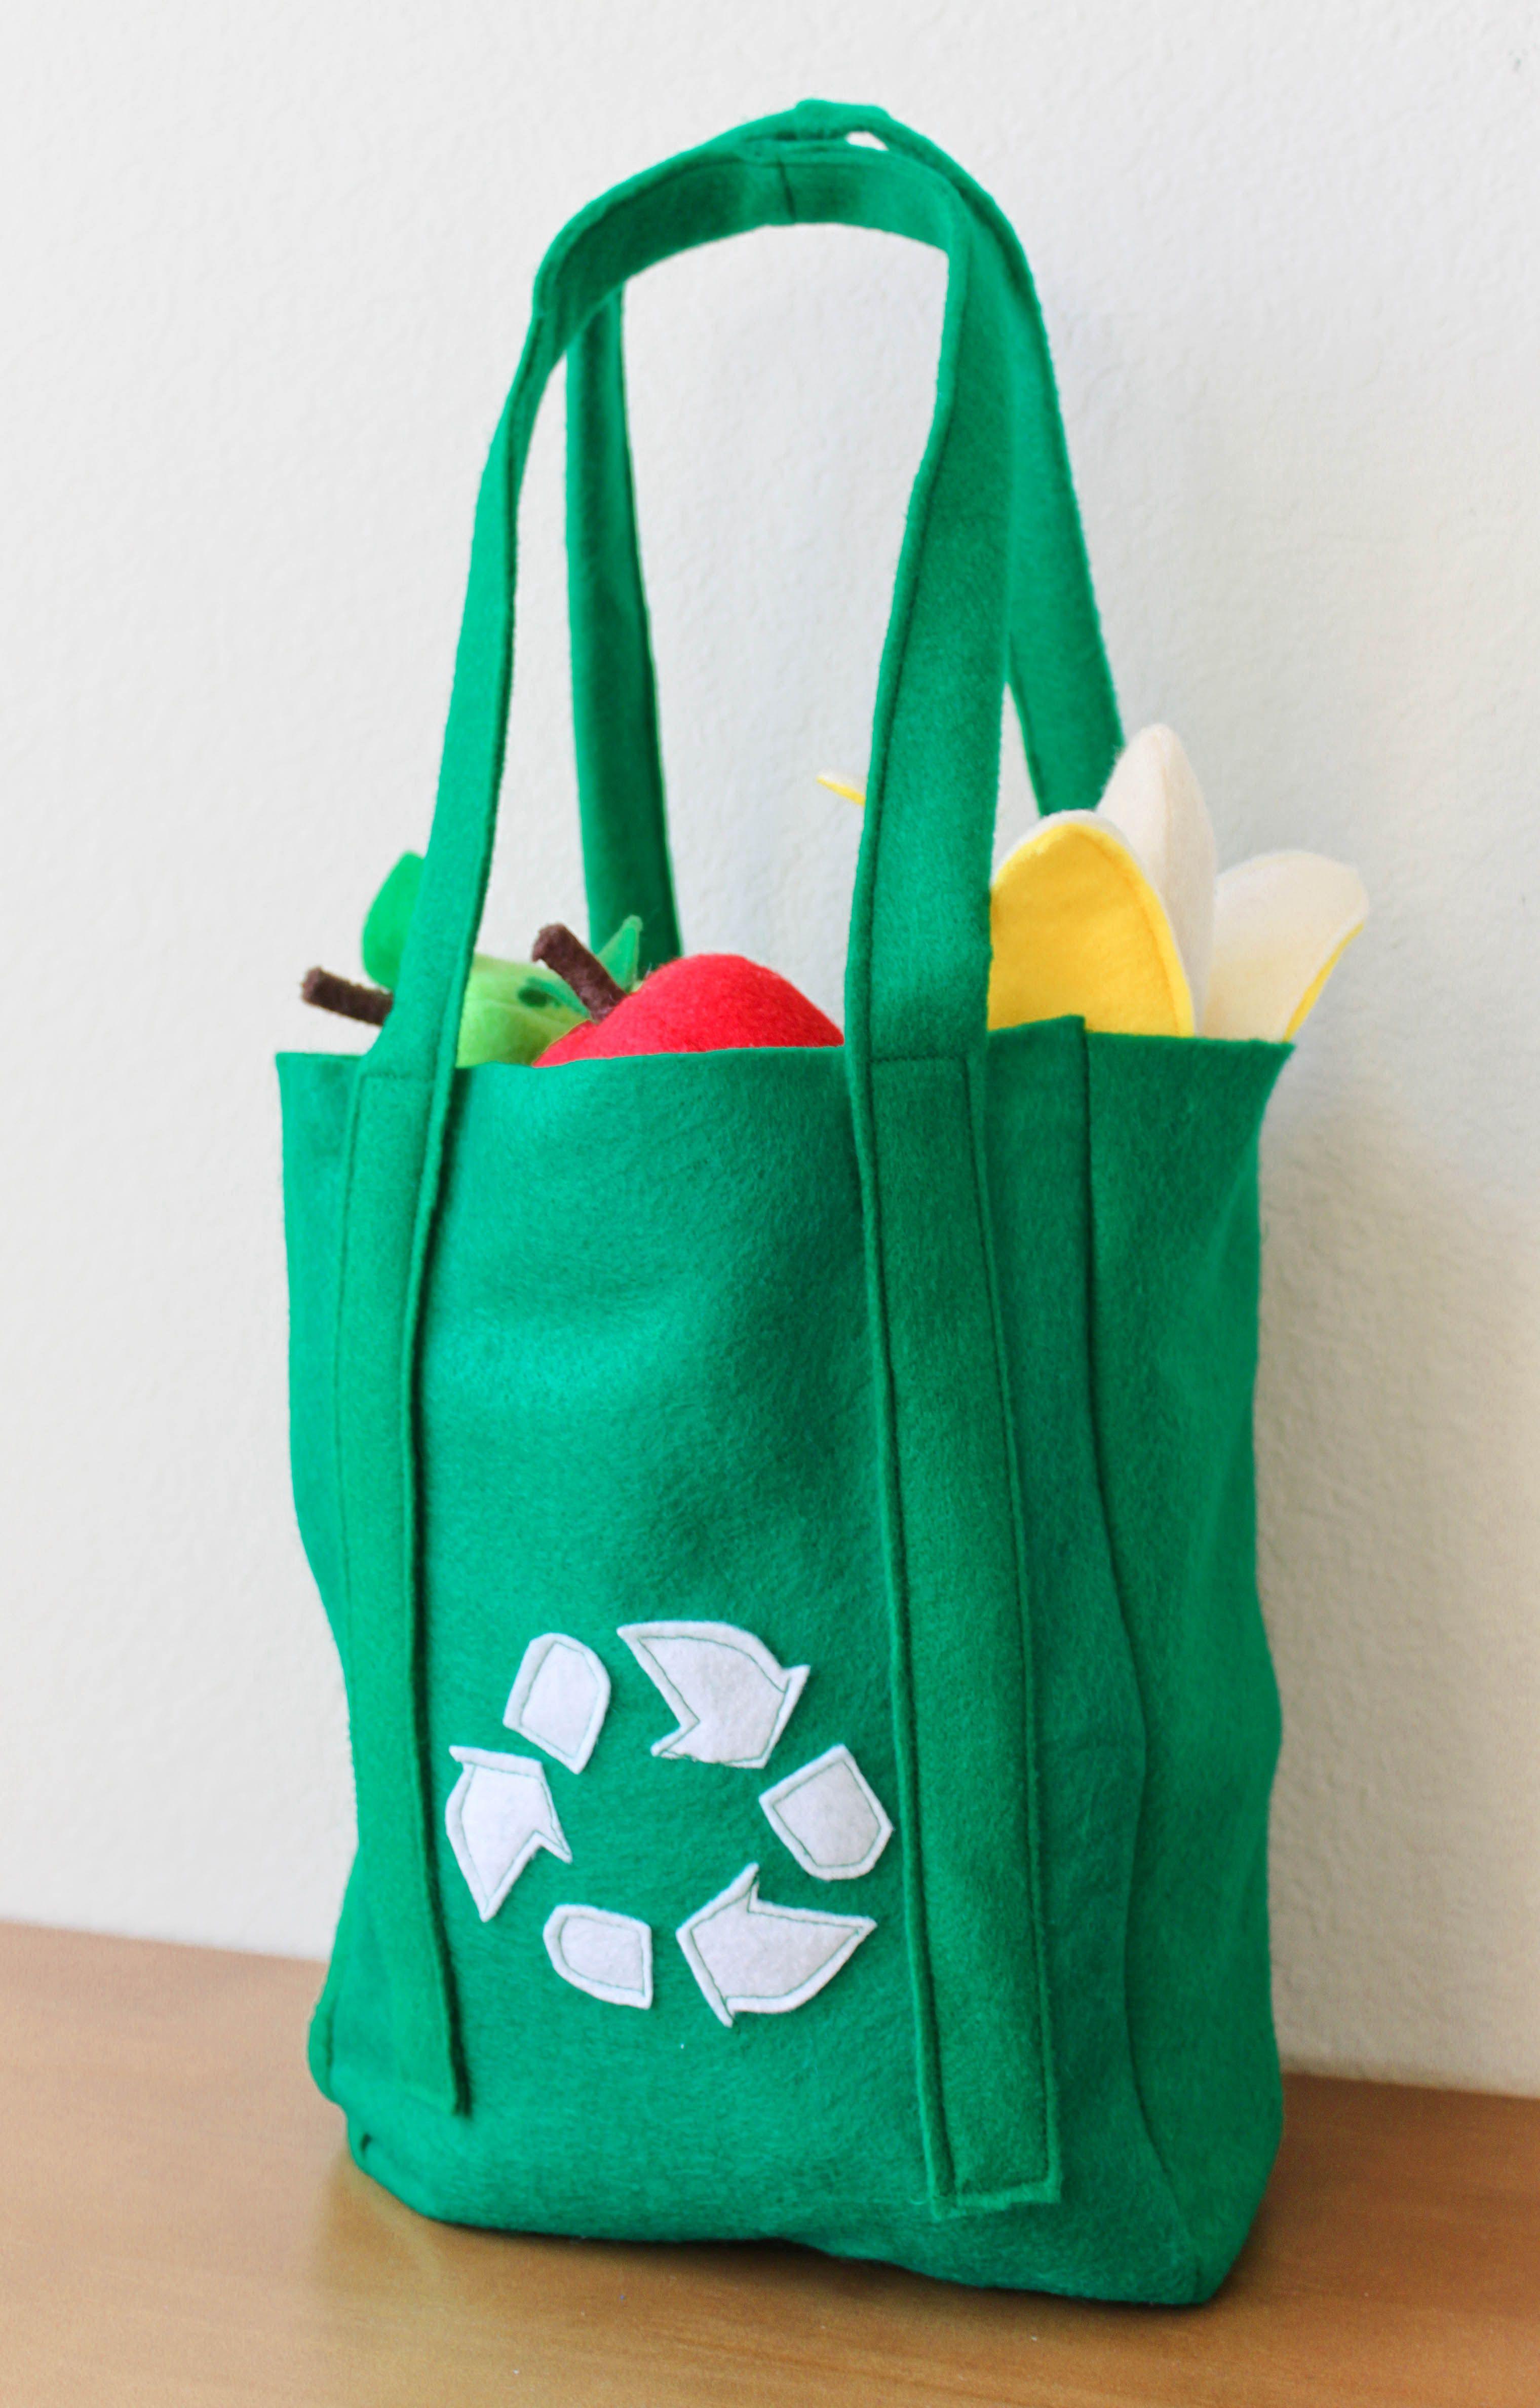 Felt Food - Shopping bag | Kids | Pinterest | Felt play food, Play ...